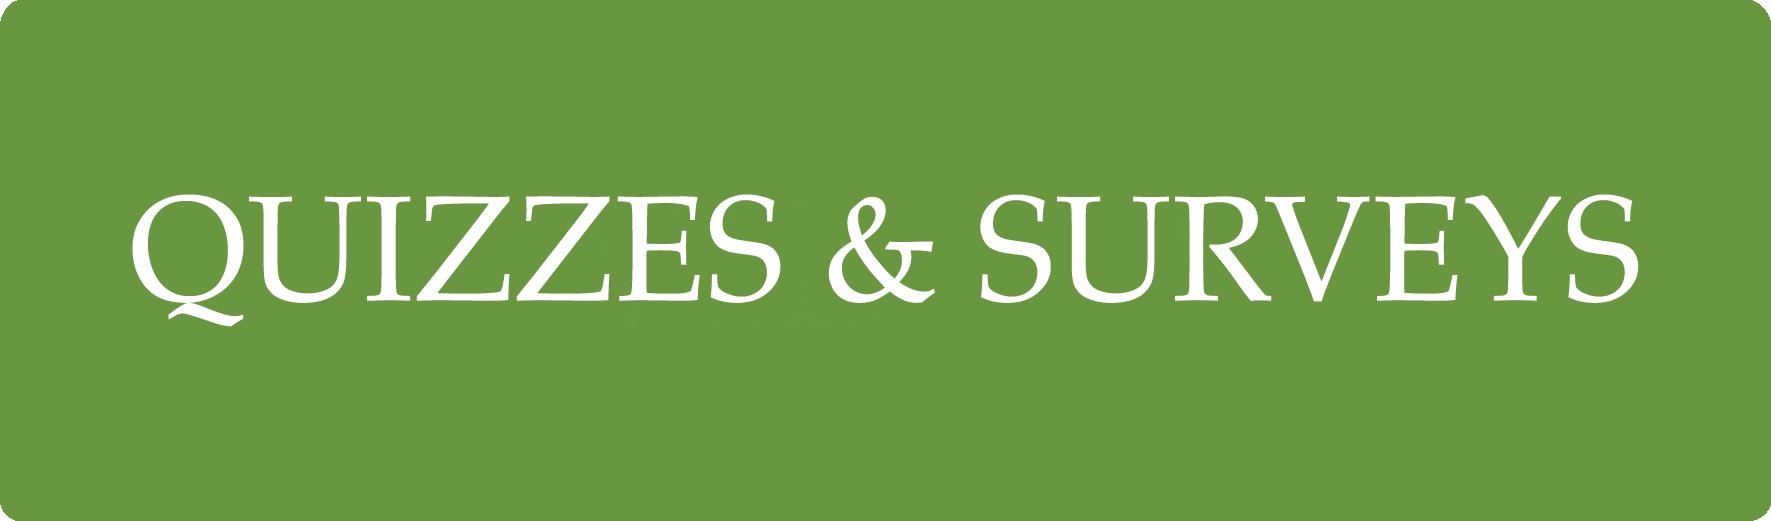 QUIZZES_AND_SURVEYS.png